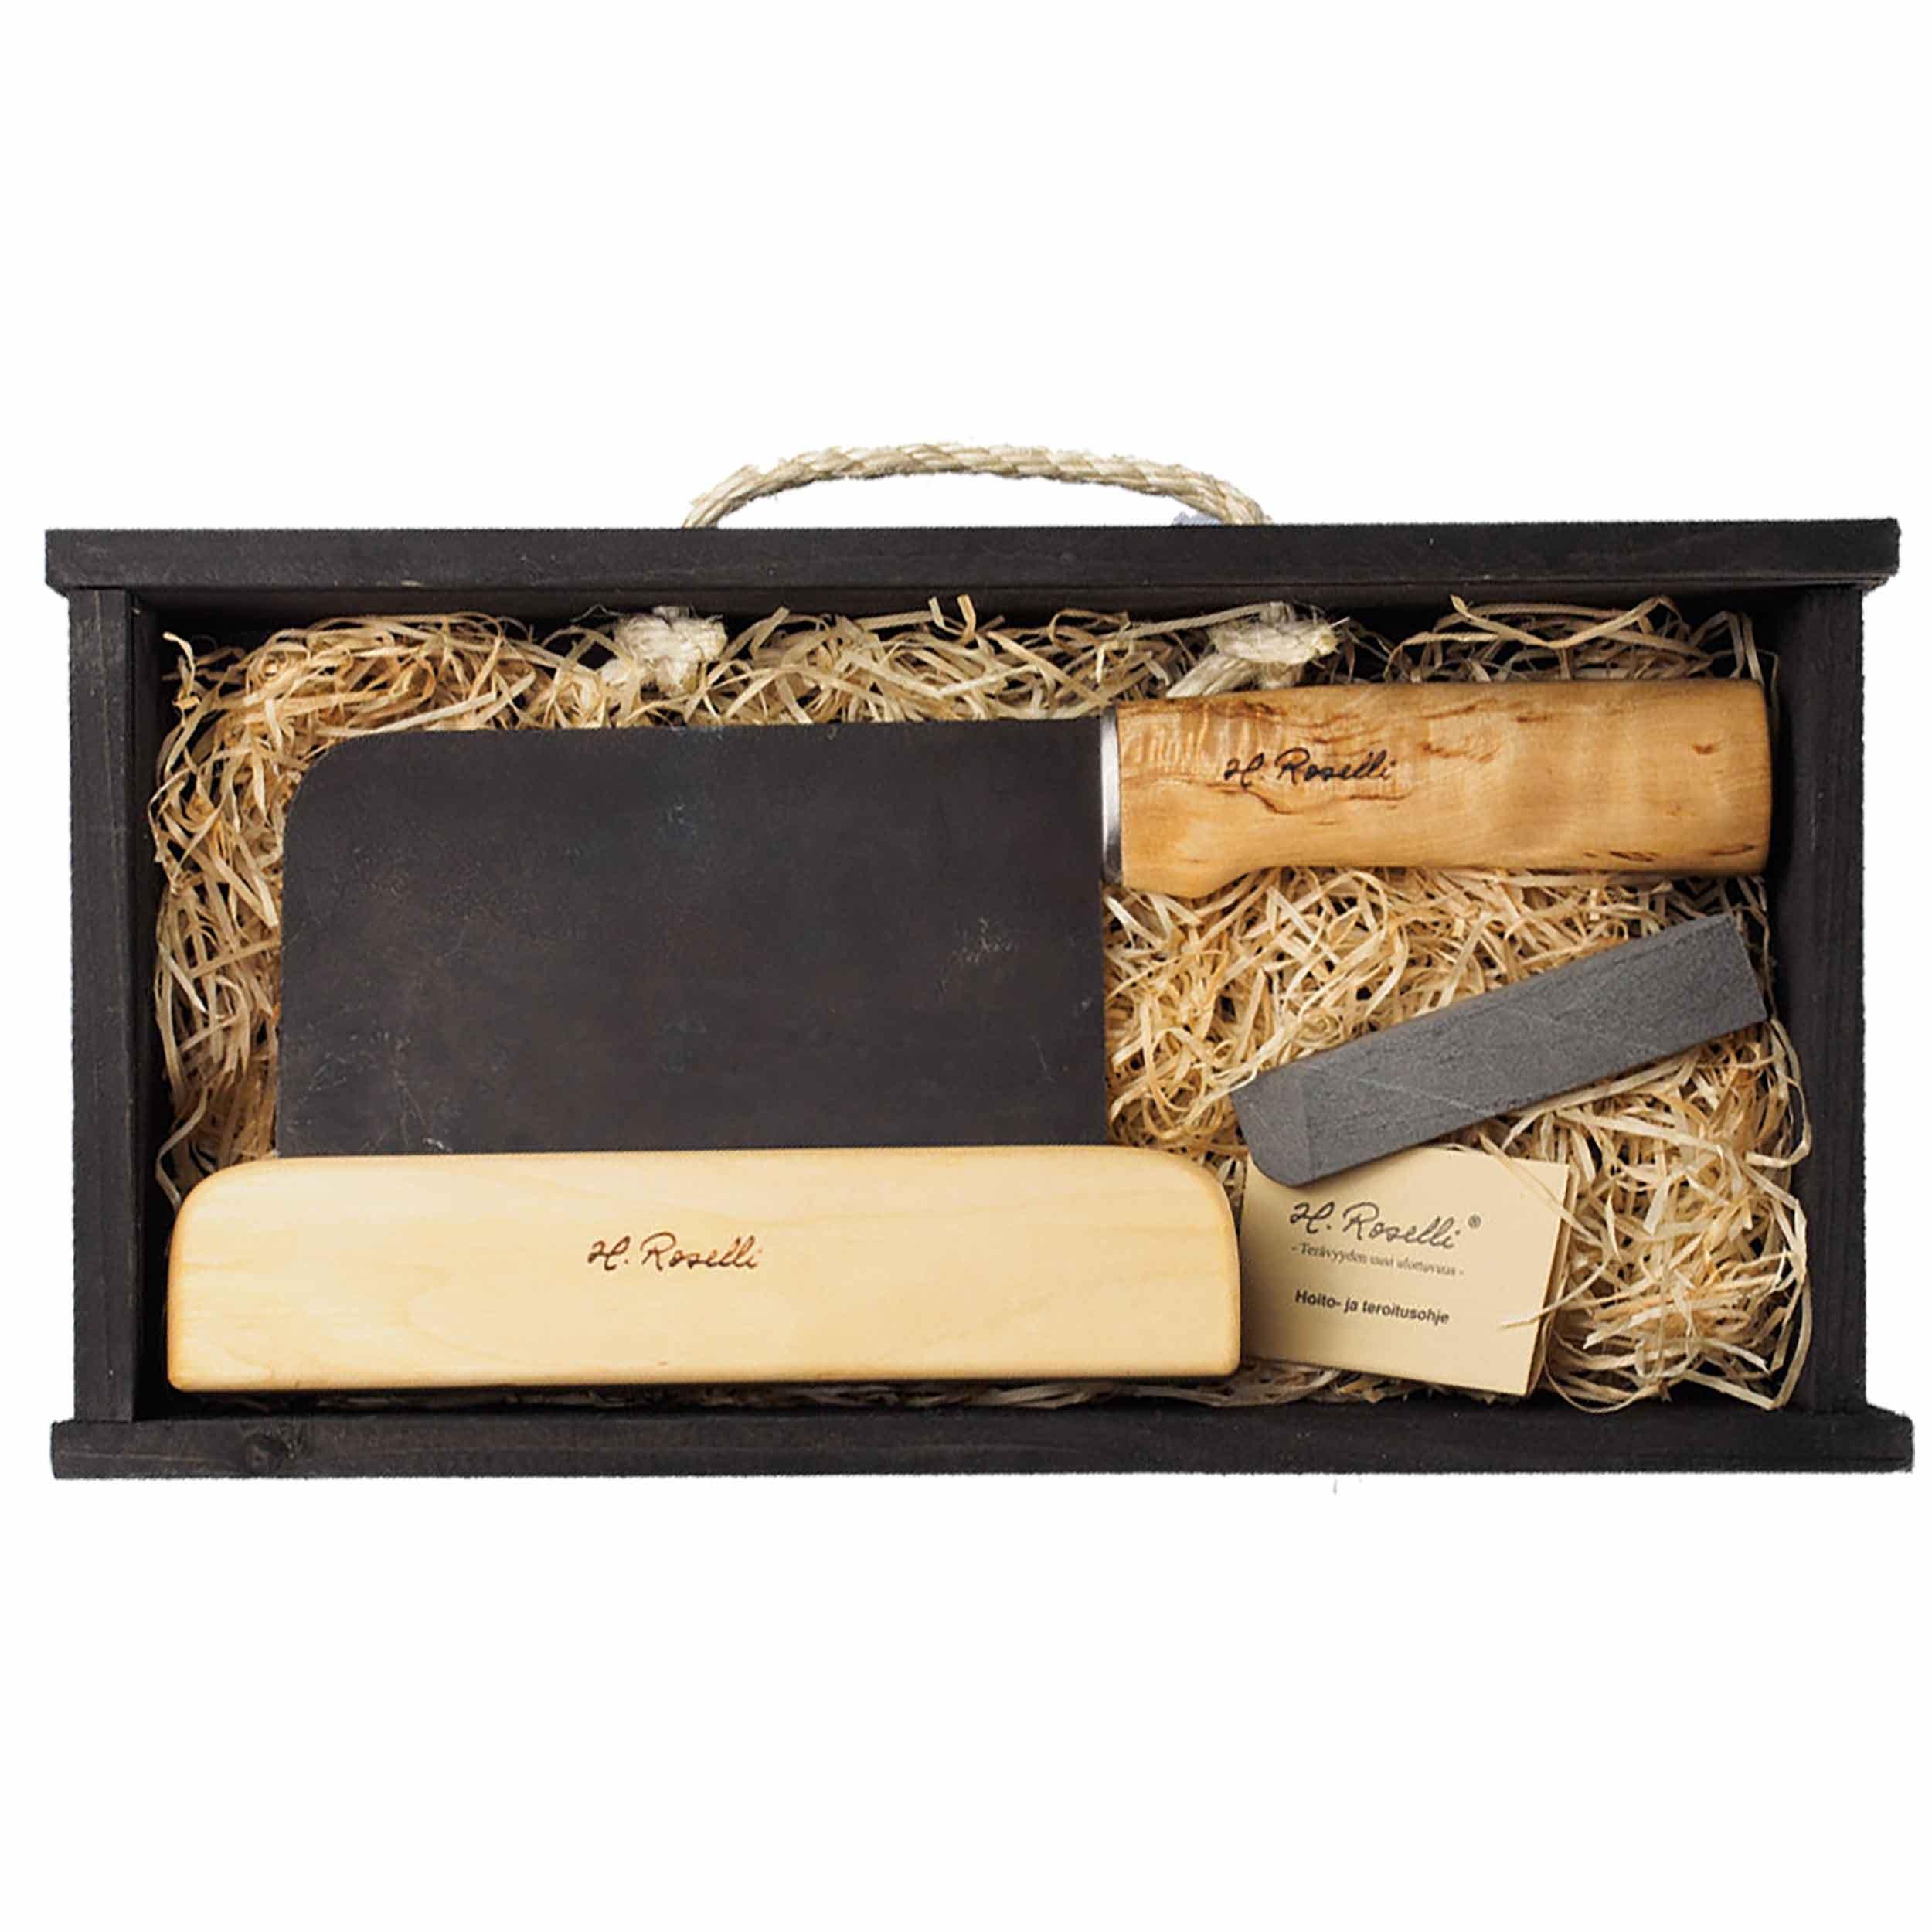 Roselli R730P Chinesisches Kochmesser 16 cm als Geschenkset